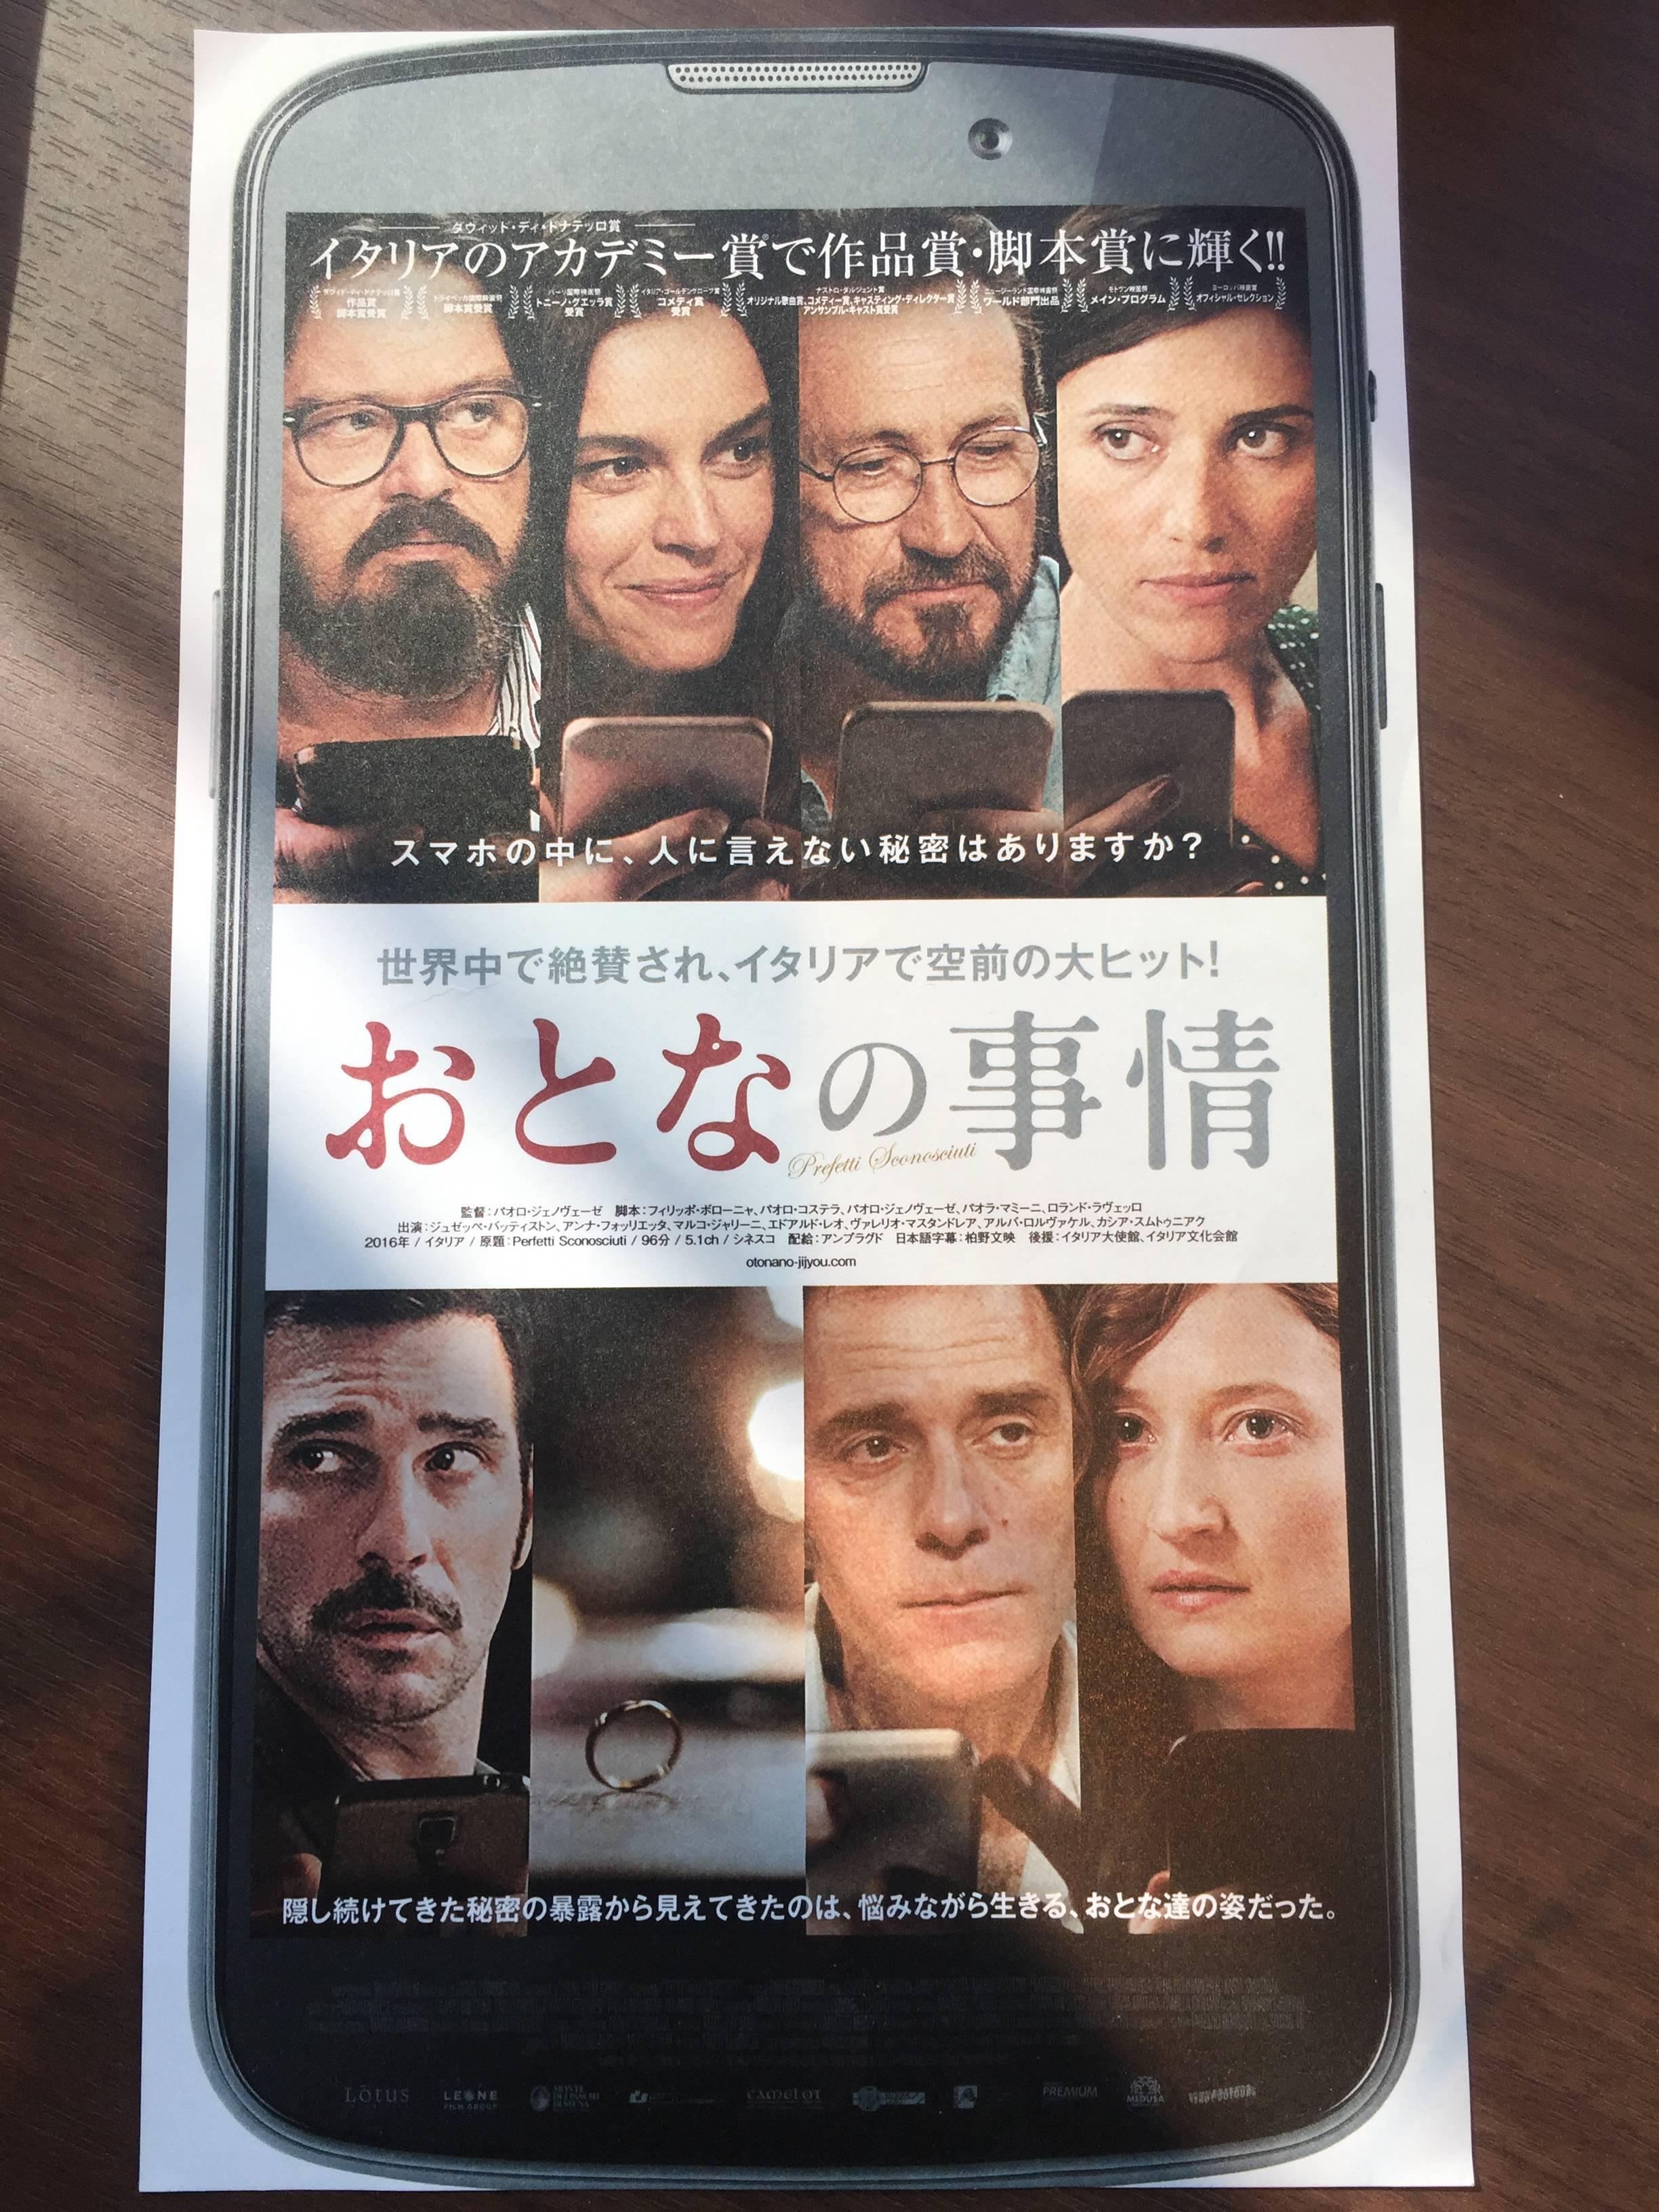 明日3月18日公開 イタリア映画「おとなの事情」_1_1